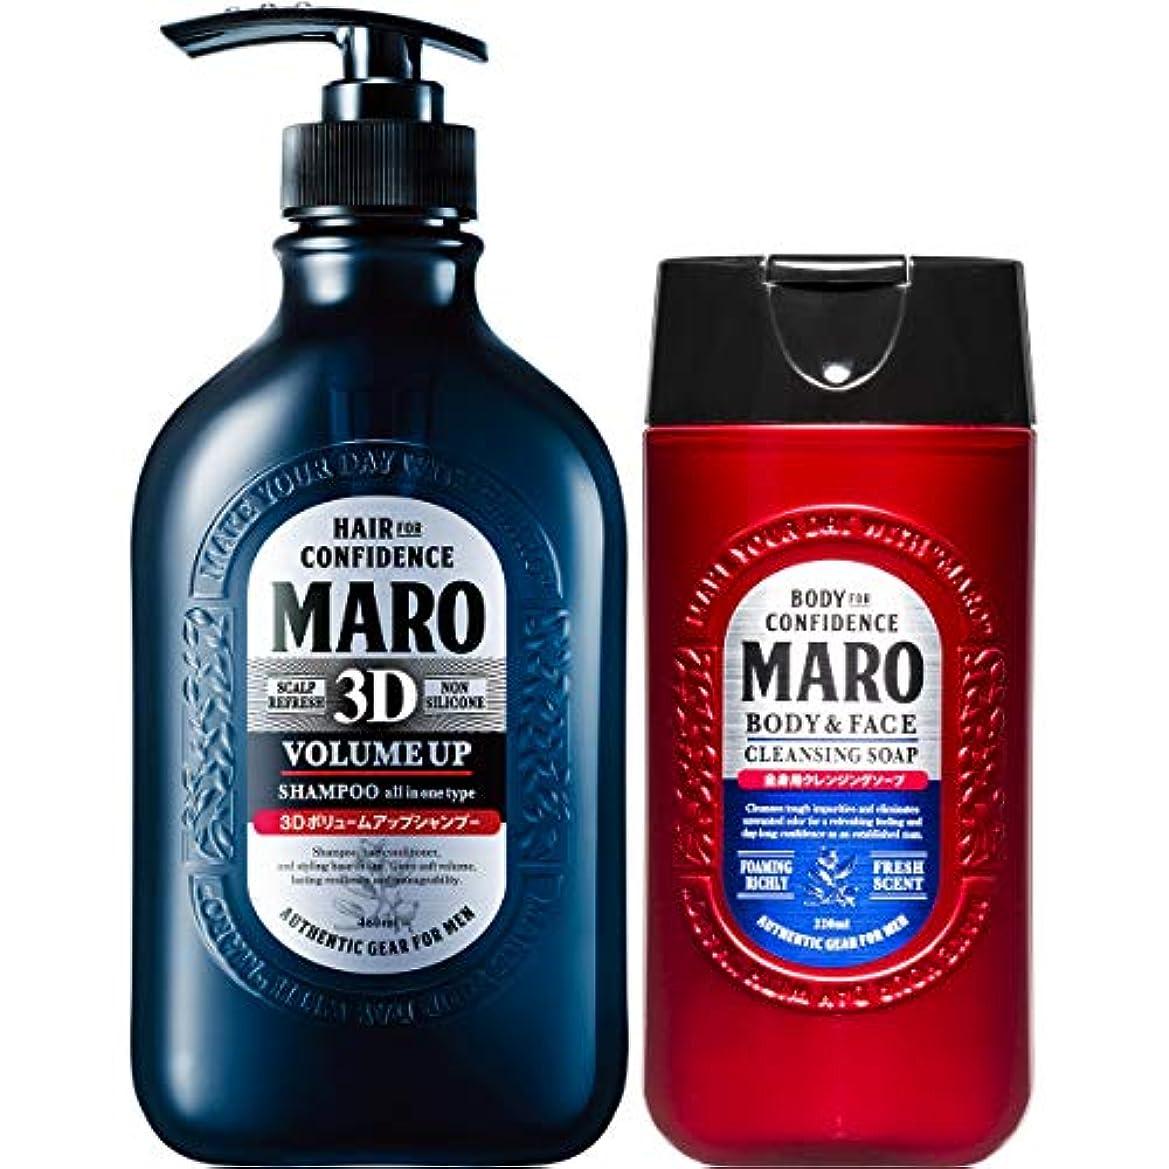 コンプリート初心者近所のMARO(マーロ) ボリュームアップシャンプー、クレンジングソープ 本体 460ml+クレンジングソープ220ml